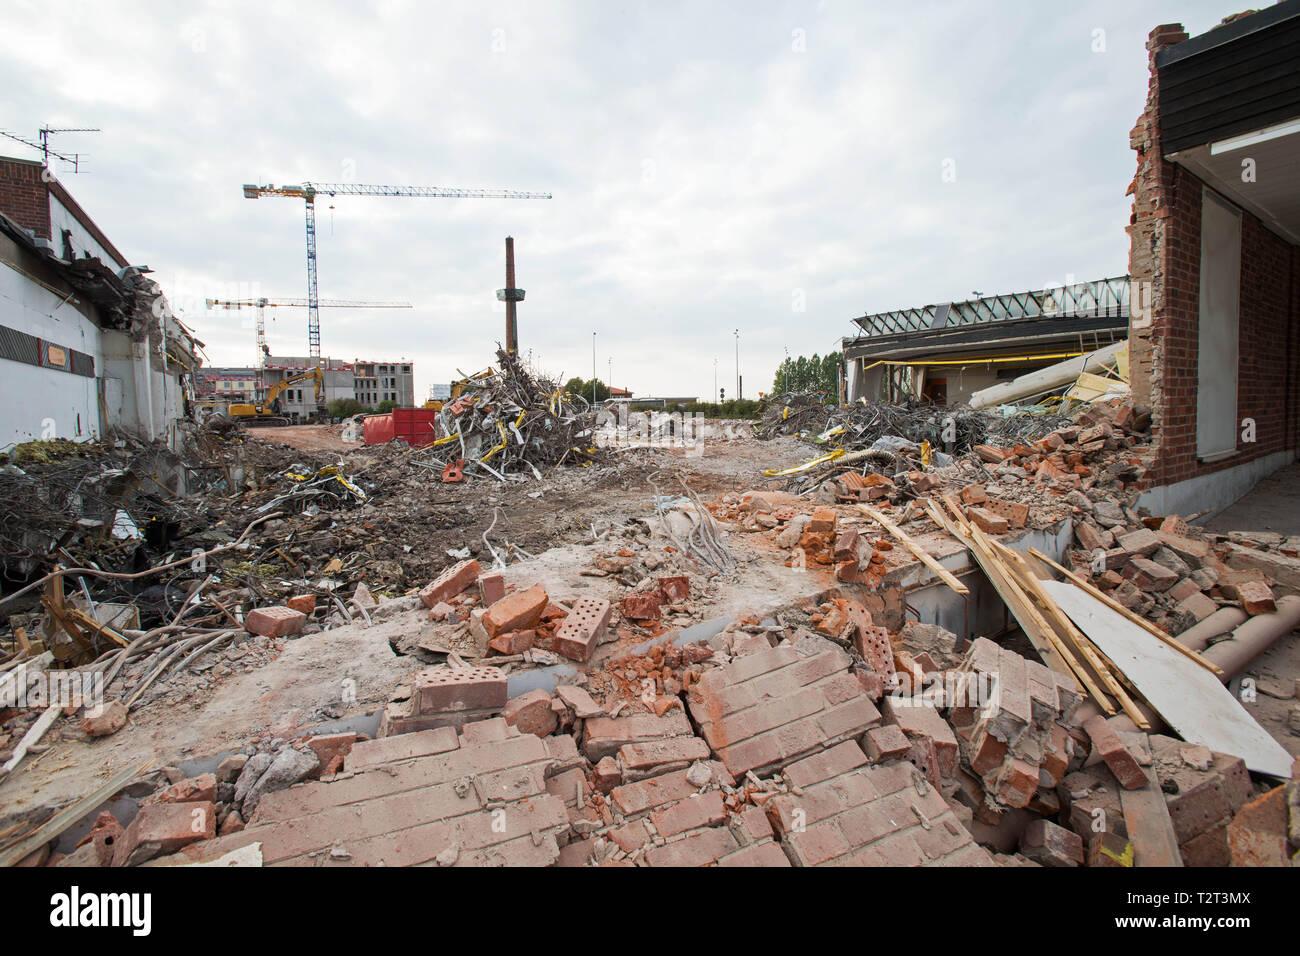 Rivning av en gammal affär/ demolition of an old shop. - Stock Image